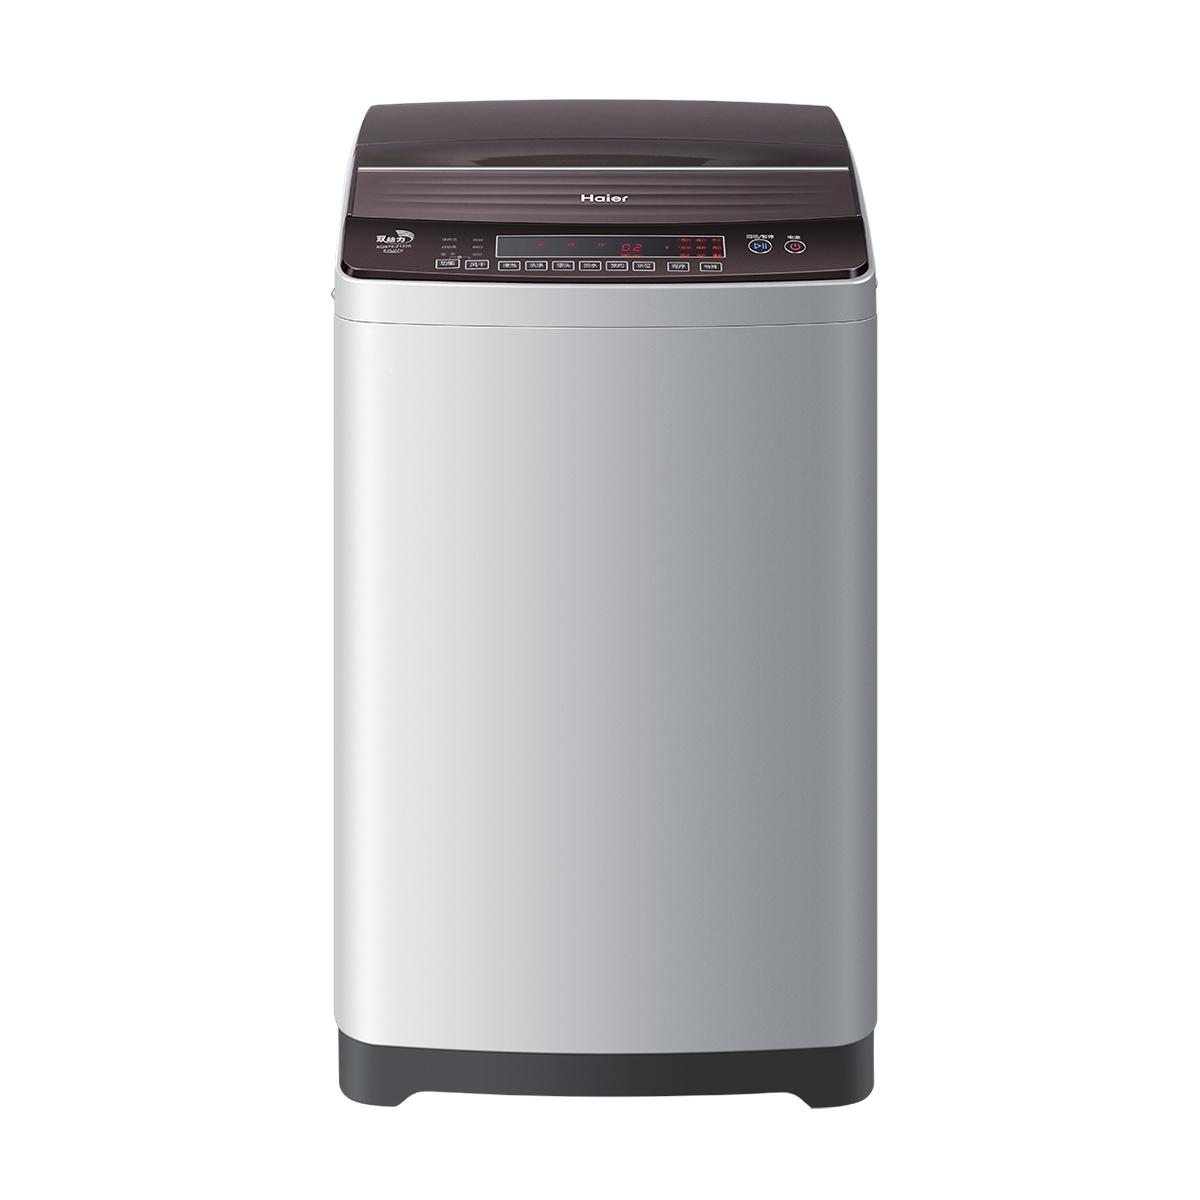 海尔Haier洗衣机 XQS75-Z1226 说明书